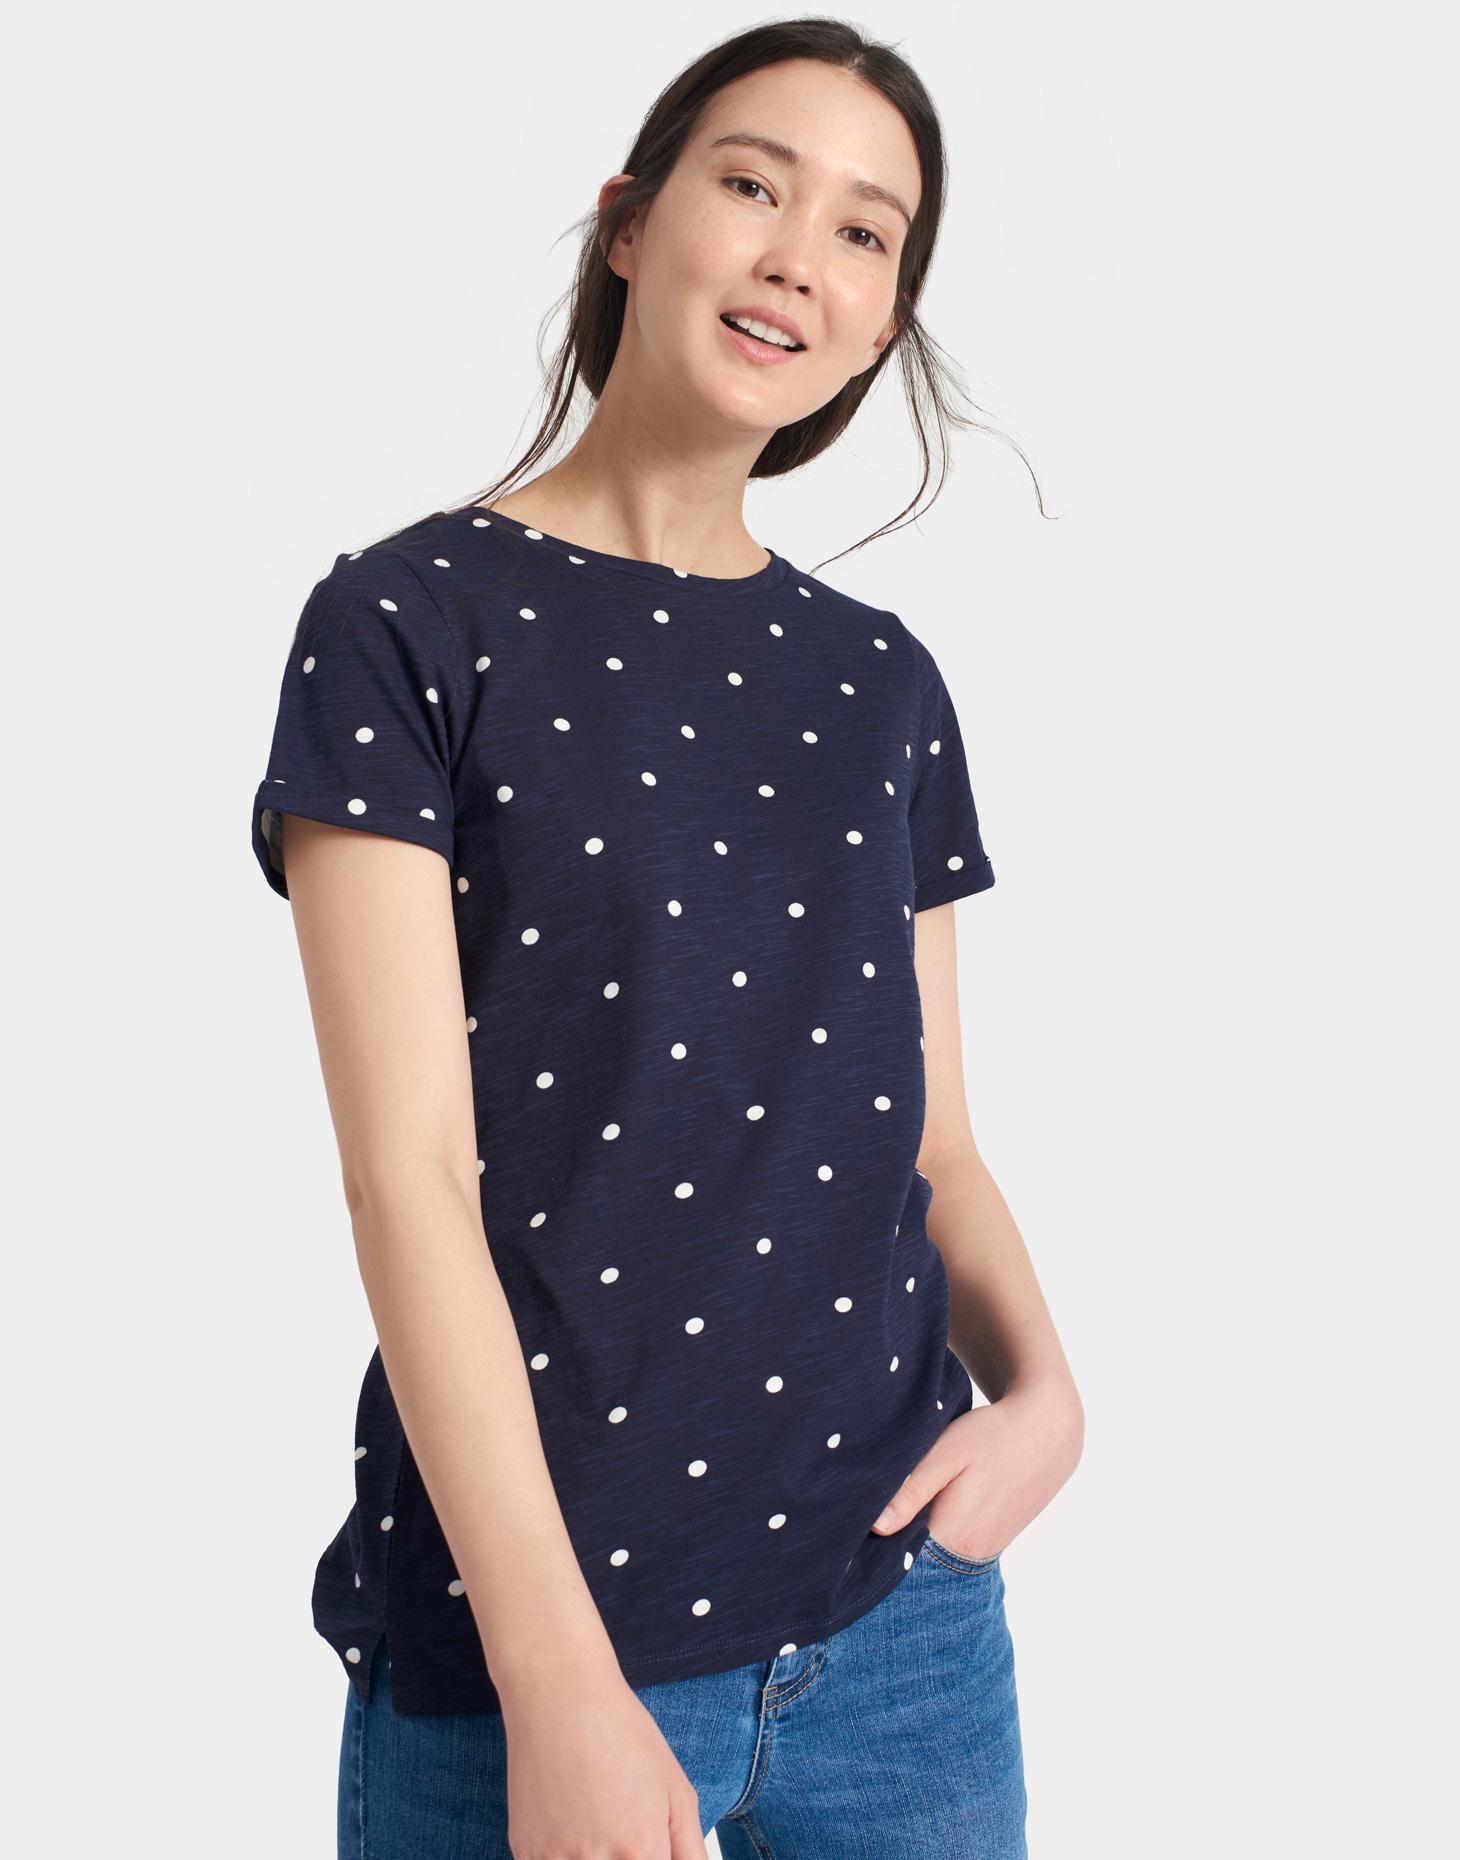 JOULES Nessa T-shirt Tee Top Chinese Sz 10 RRP £ 24.95 freeukp /& P